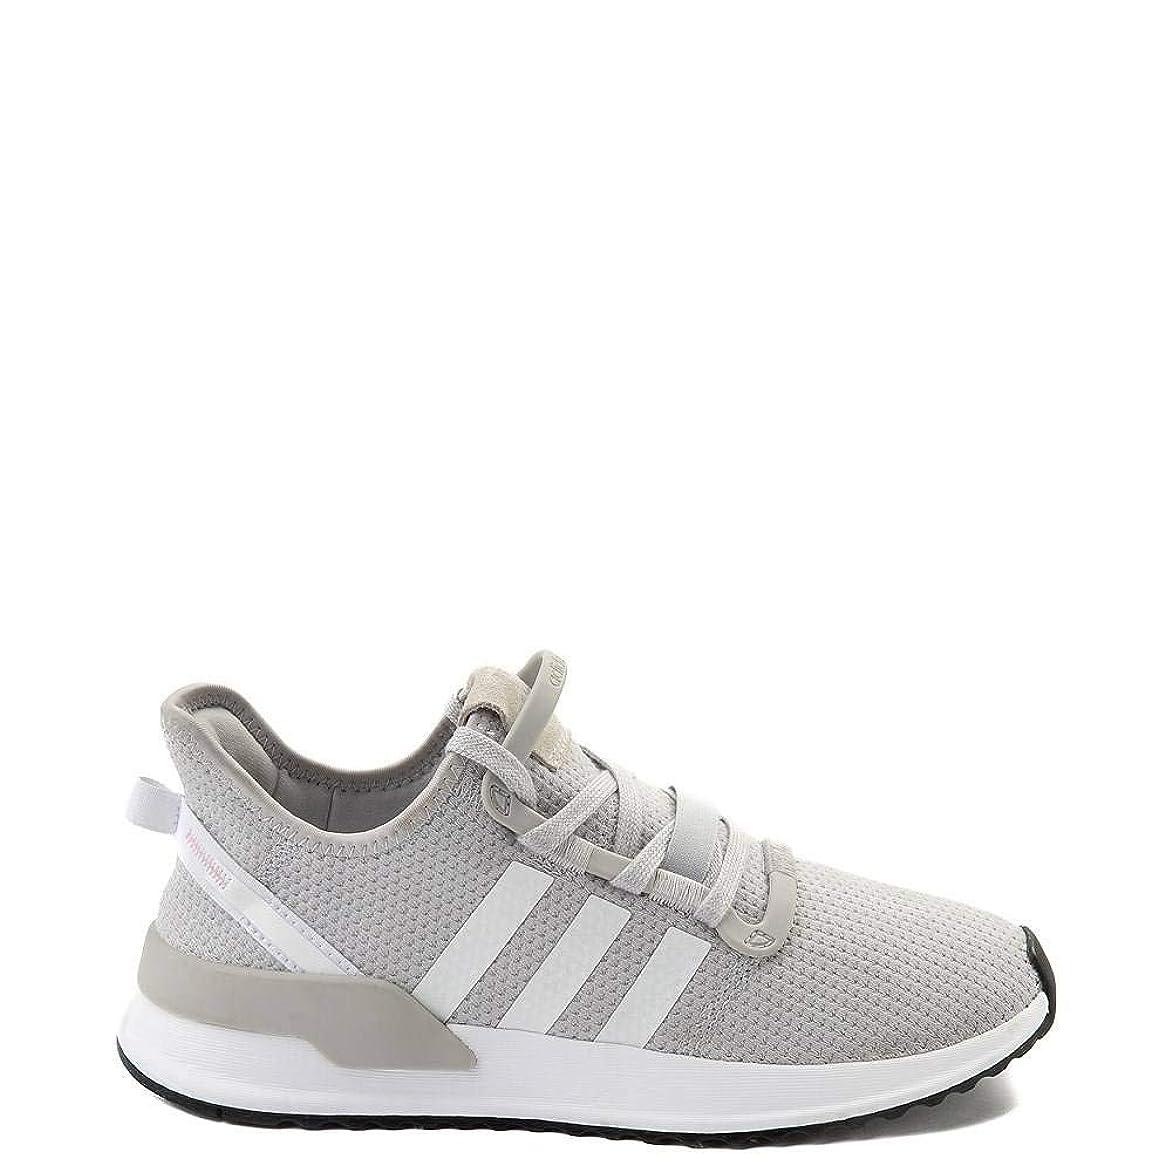 バリー無心省[アディダス] レディース靴?スニーカーU_Path Athletic Shoe Uパスアスレチックシューズ Gray/White グレー US 8.5(25.5cm) [並行輸入品]